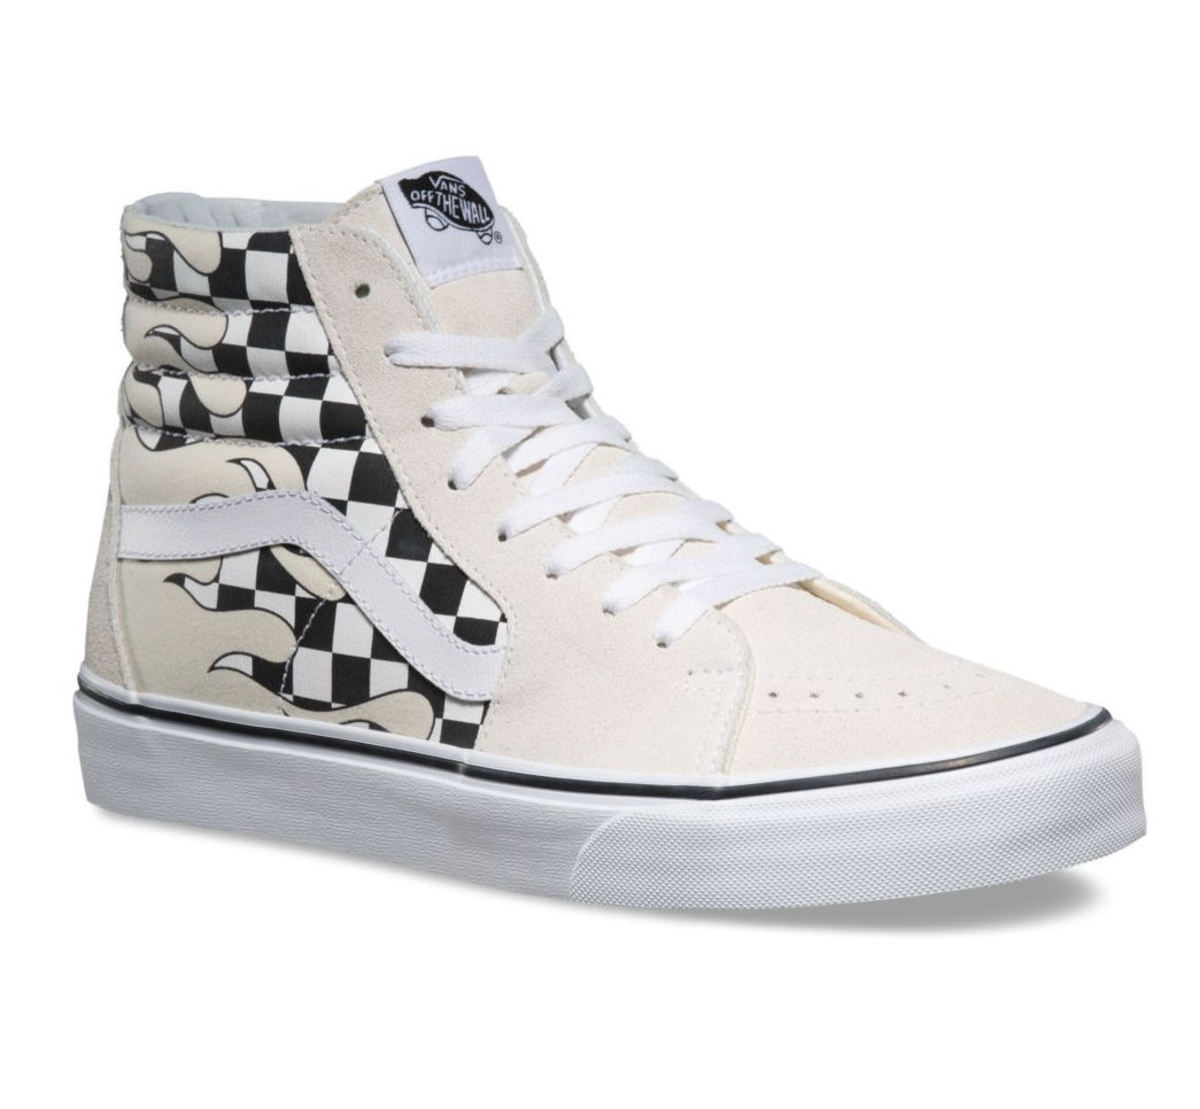 Kinder High Top Sneaker UA SK8 Hi VANS